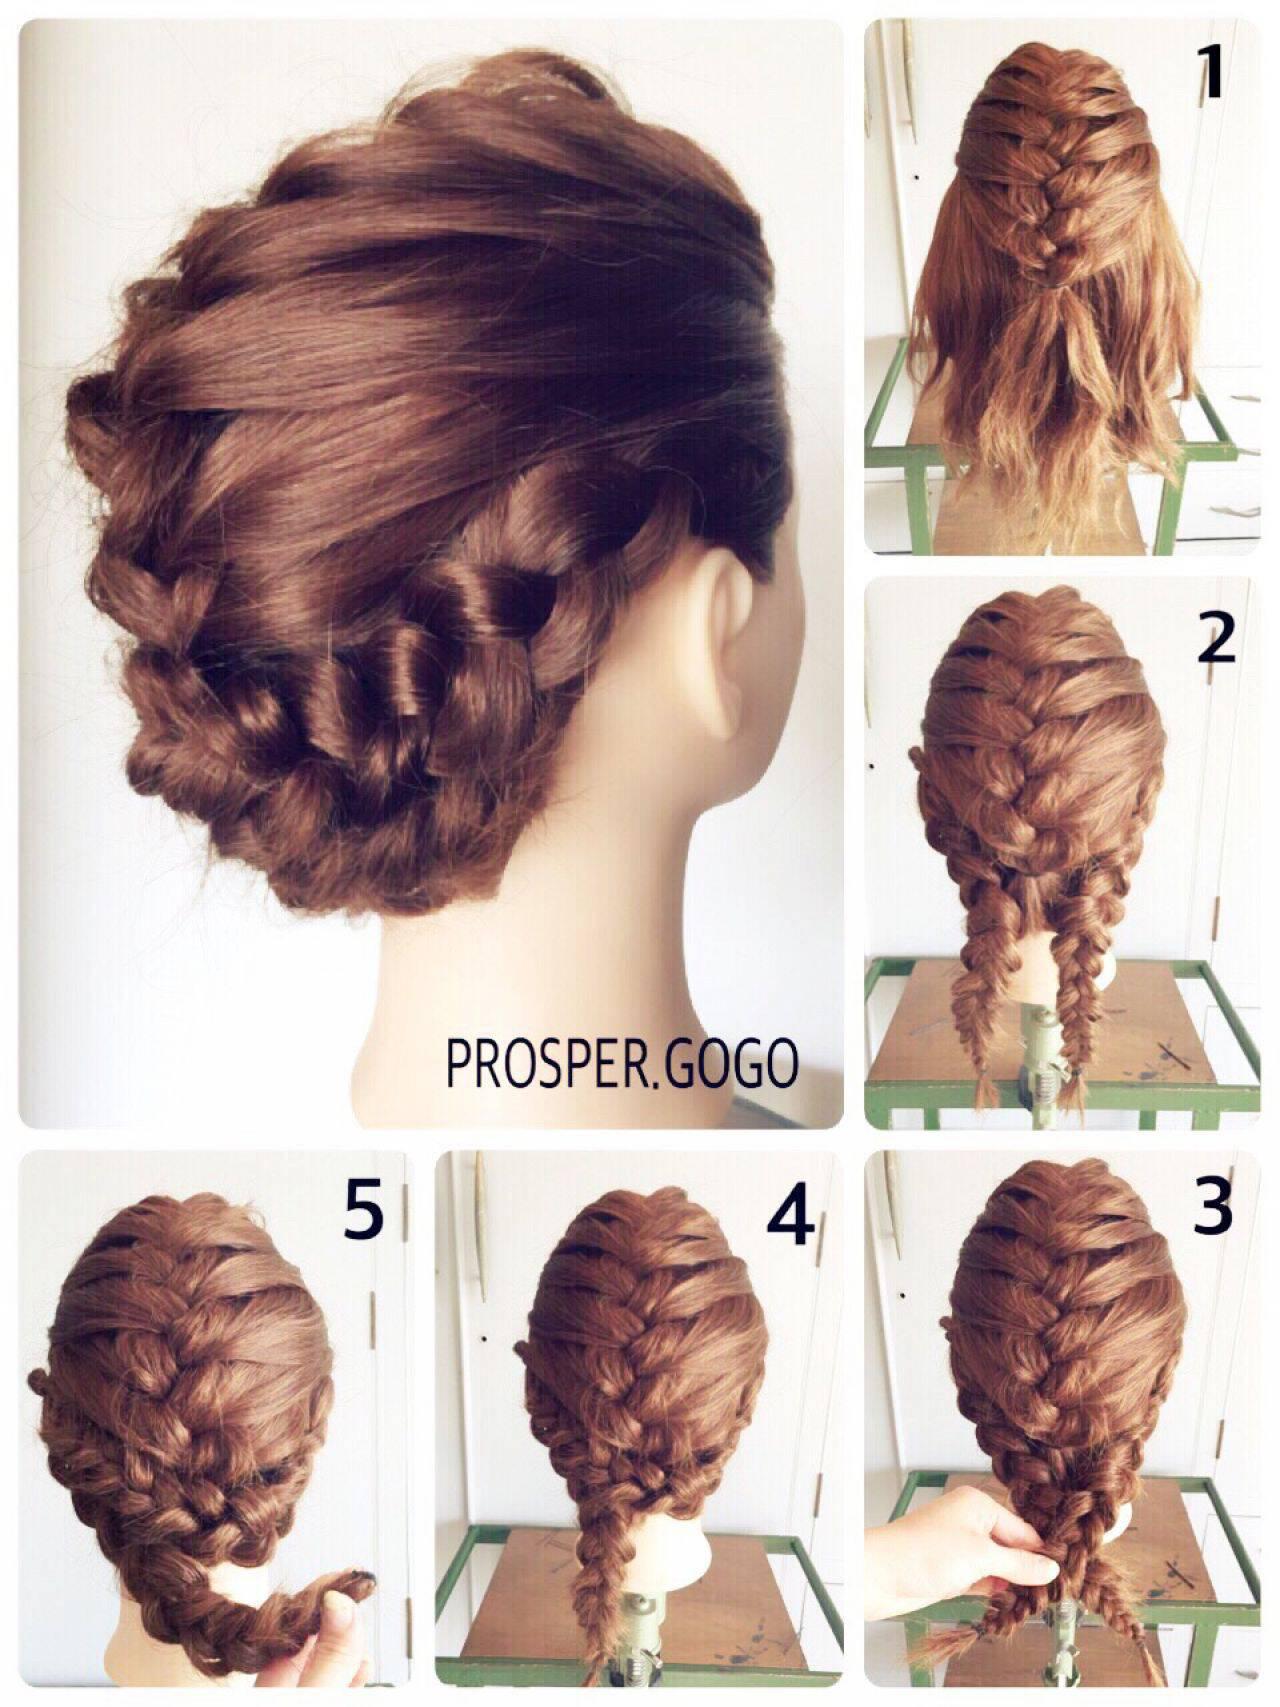 二次会 セミロング ヘアアレンジ セルフヘアアレンジヘアスタイルや髪型の写真・画像